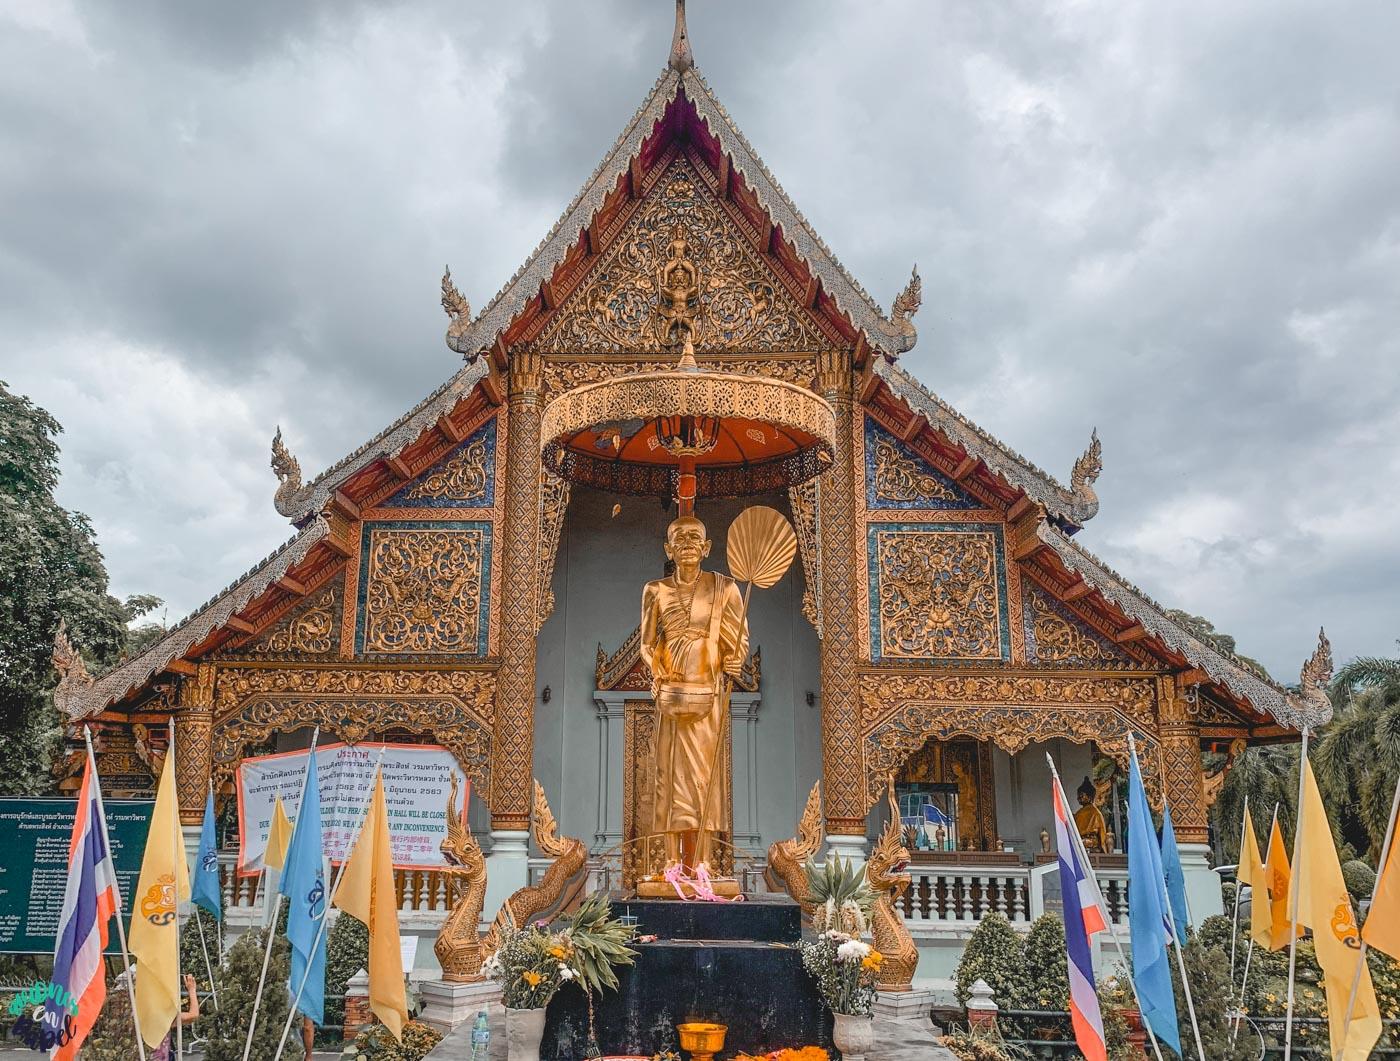 Qué ver y hacer en Chiang Mai en 3 días: Wat Phra Singh